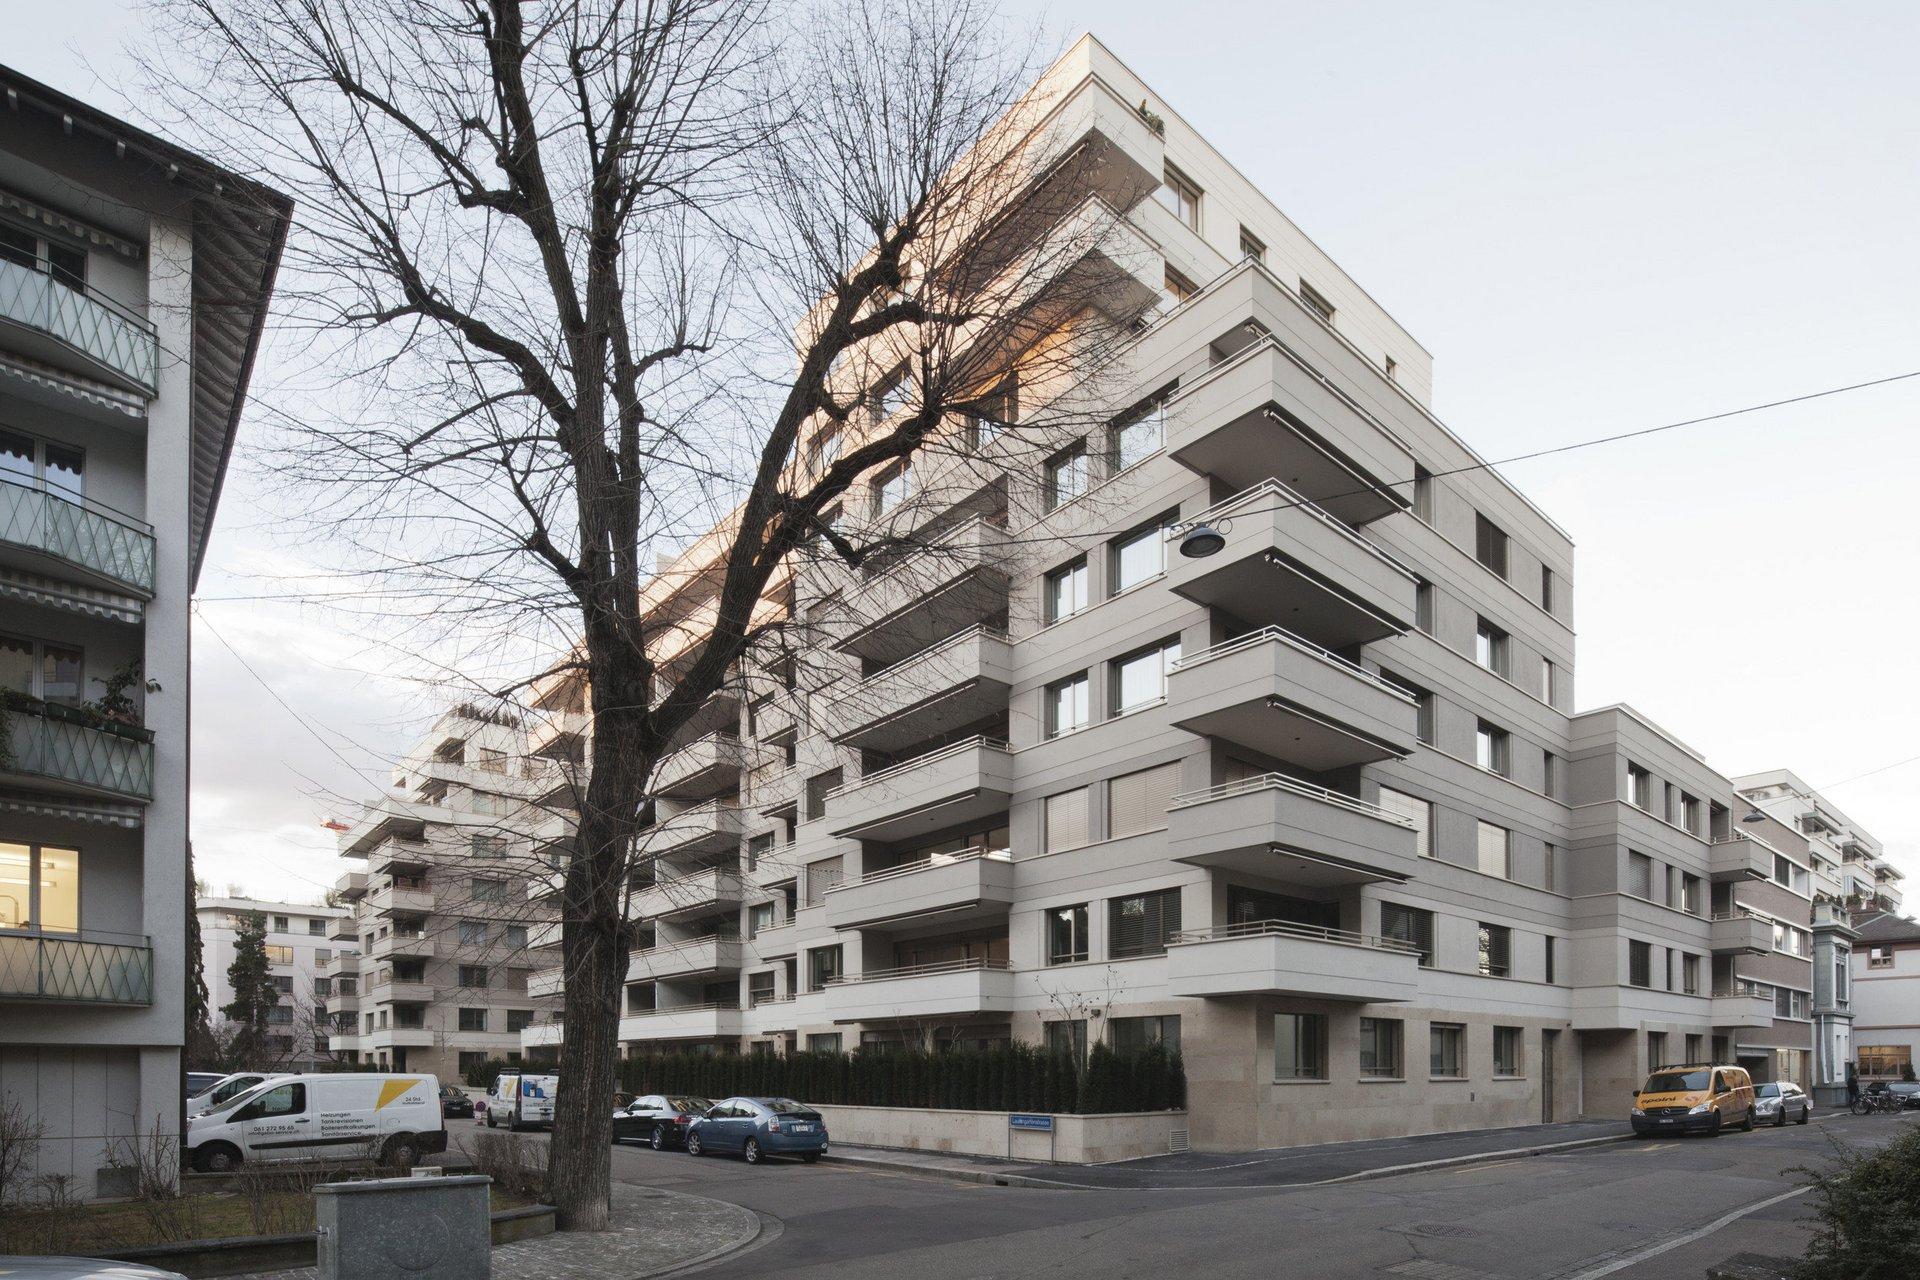 Mehrstöckiges Wohnhaus in spezifischer eckiger Form